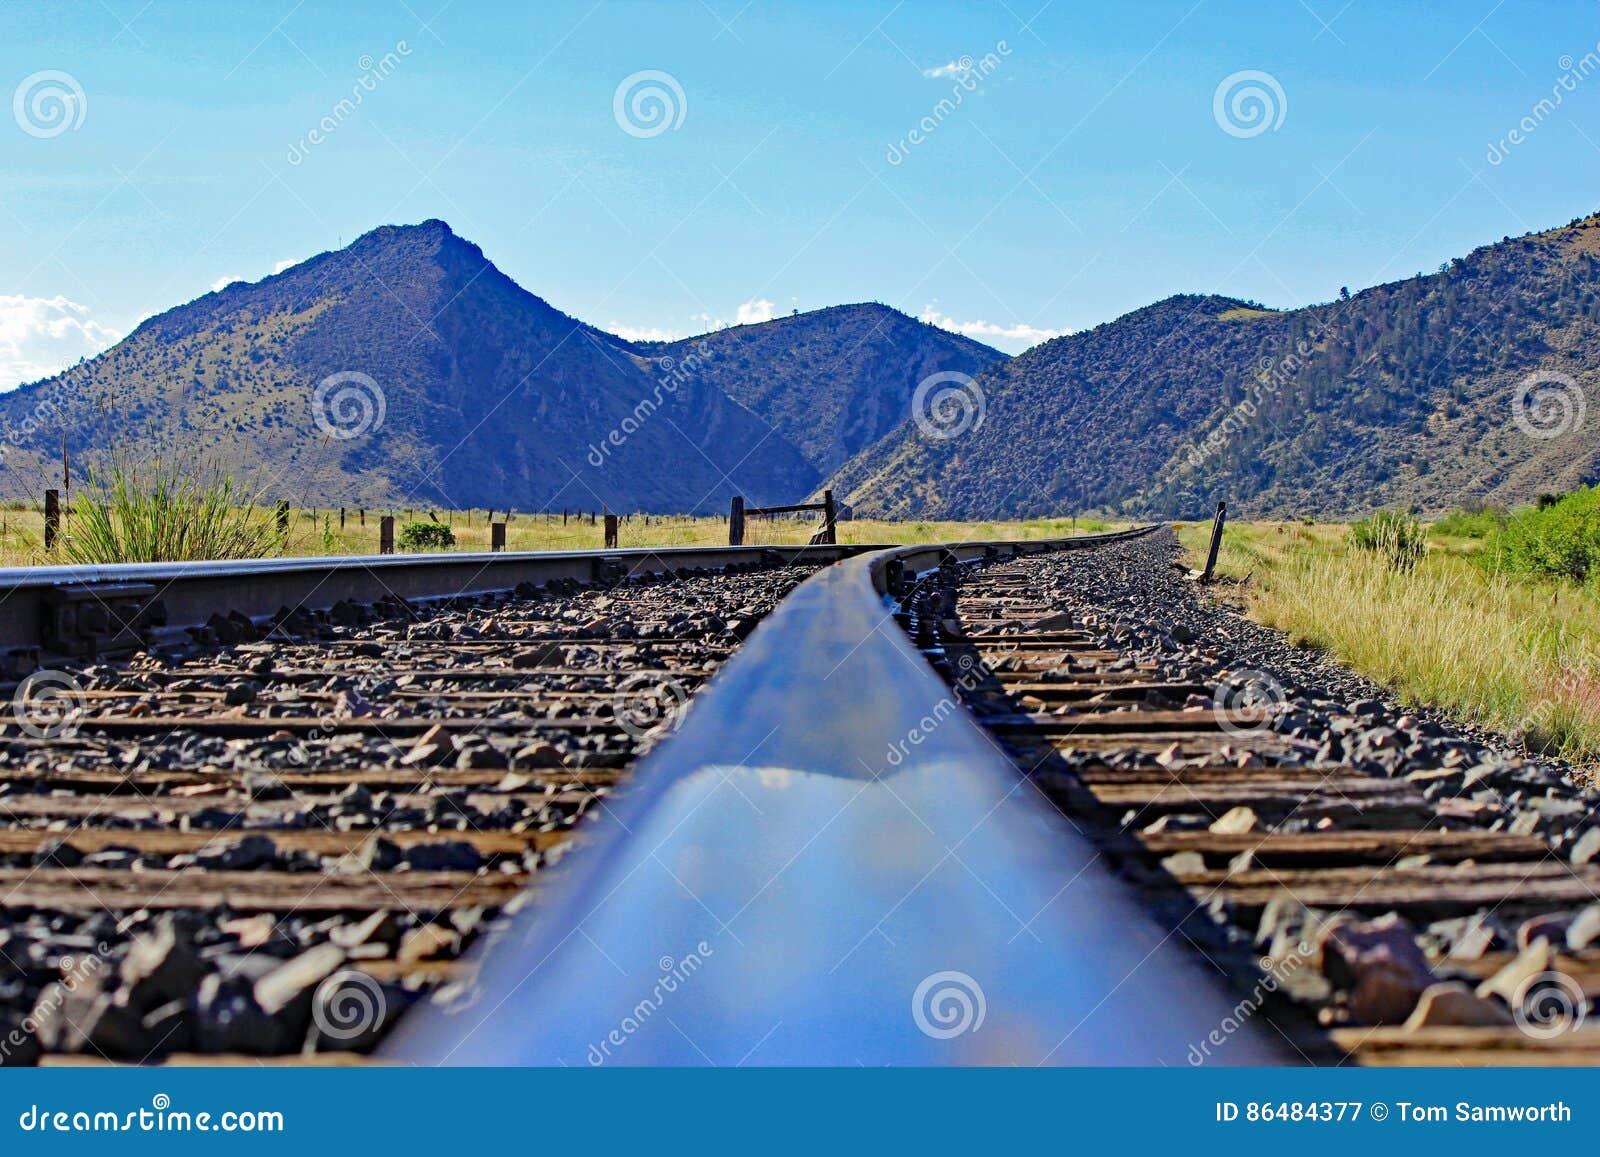 Trilhas e Mountain View do trem em Montana